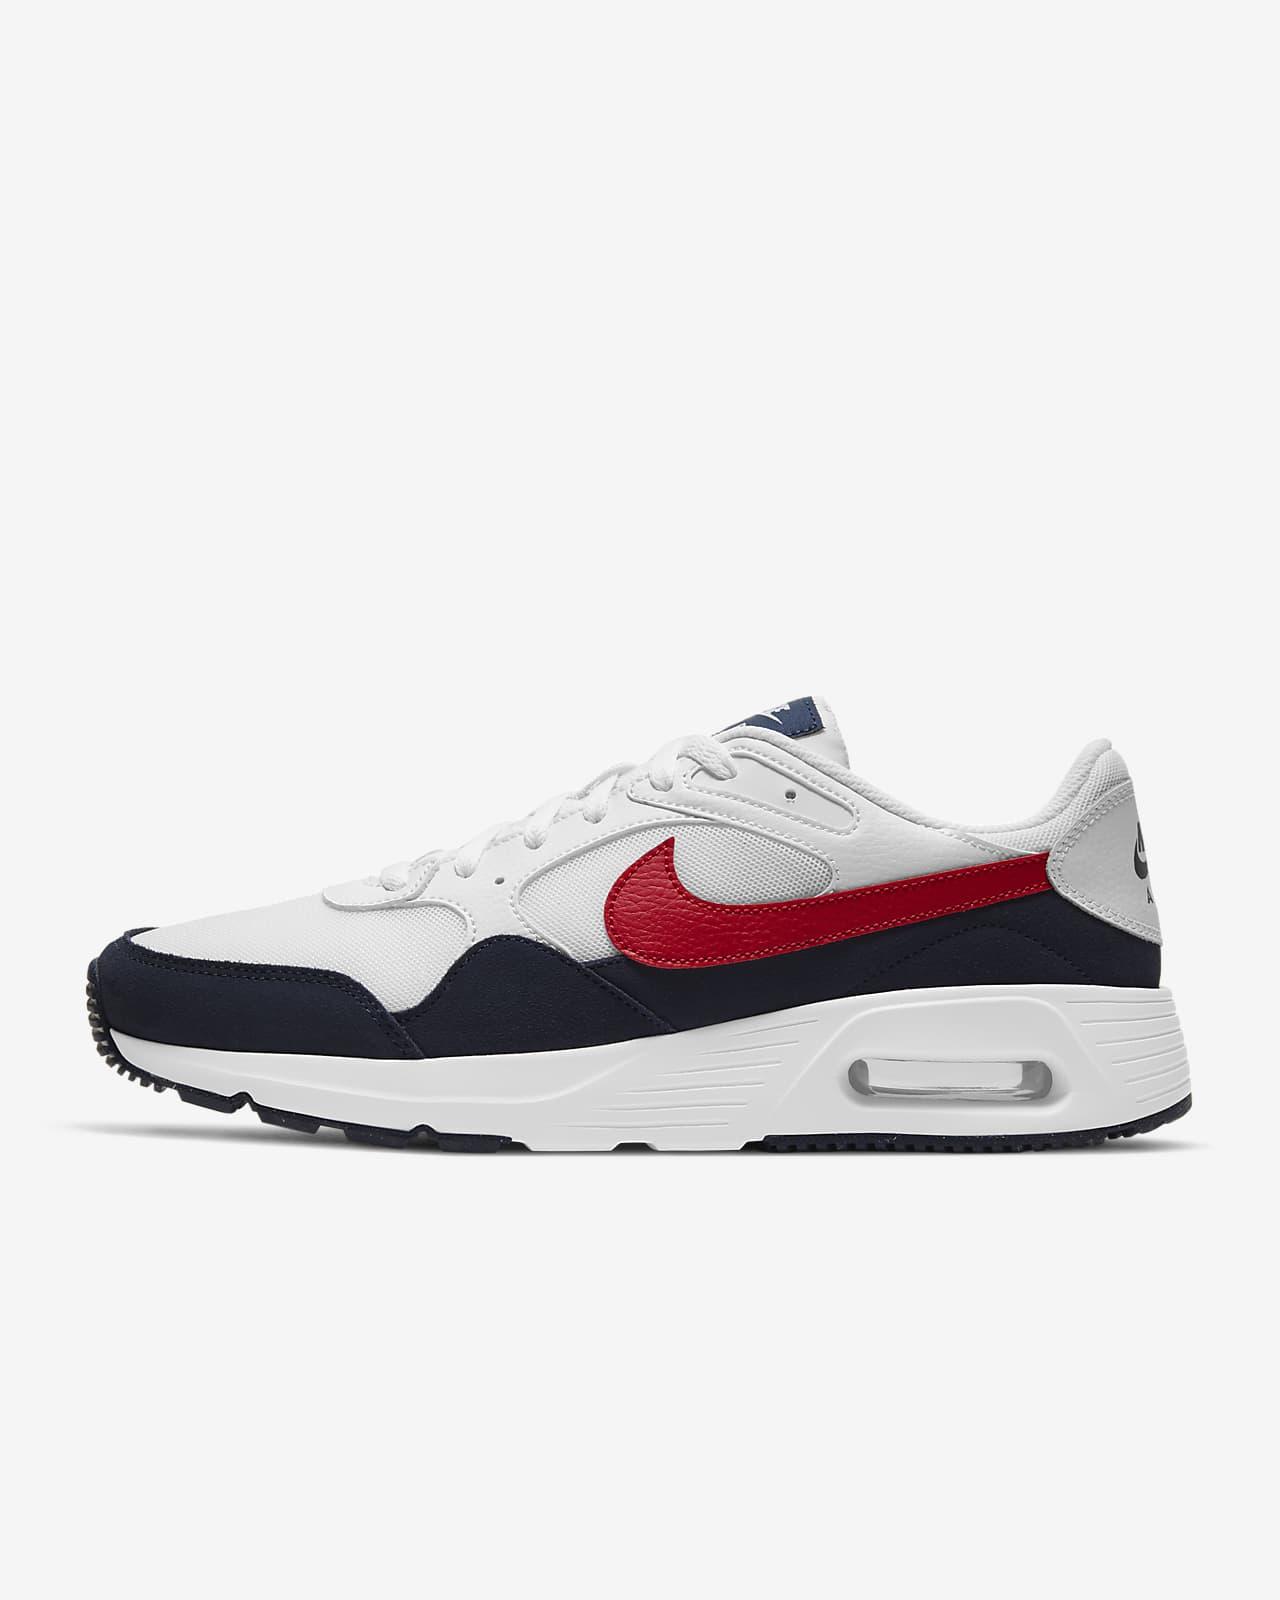 Nike Air Max SC Men's Shoe